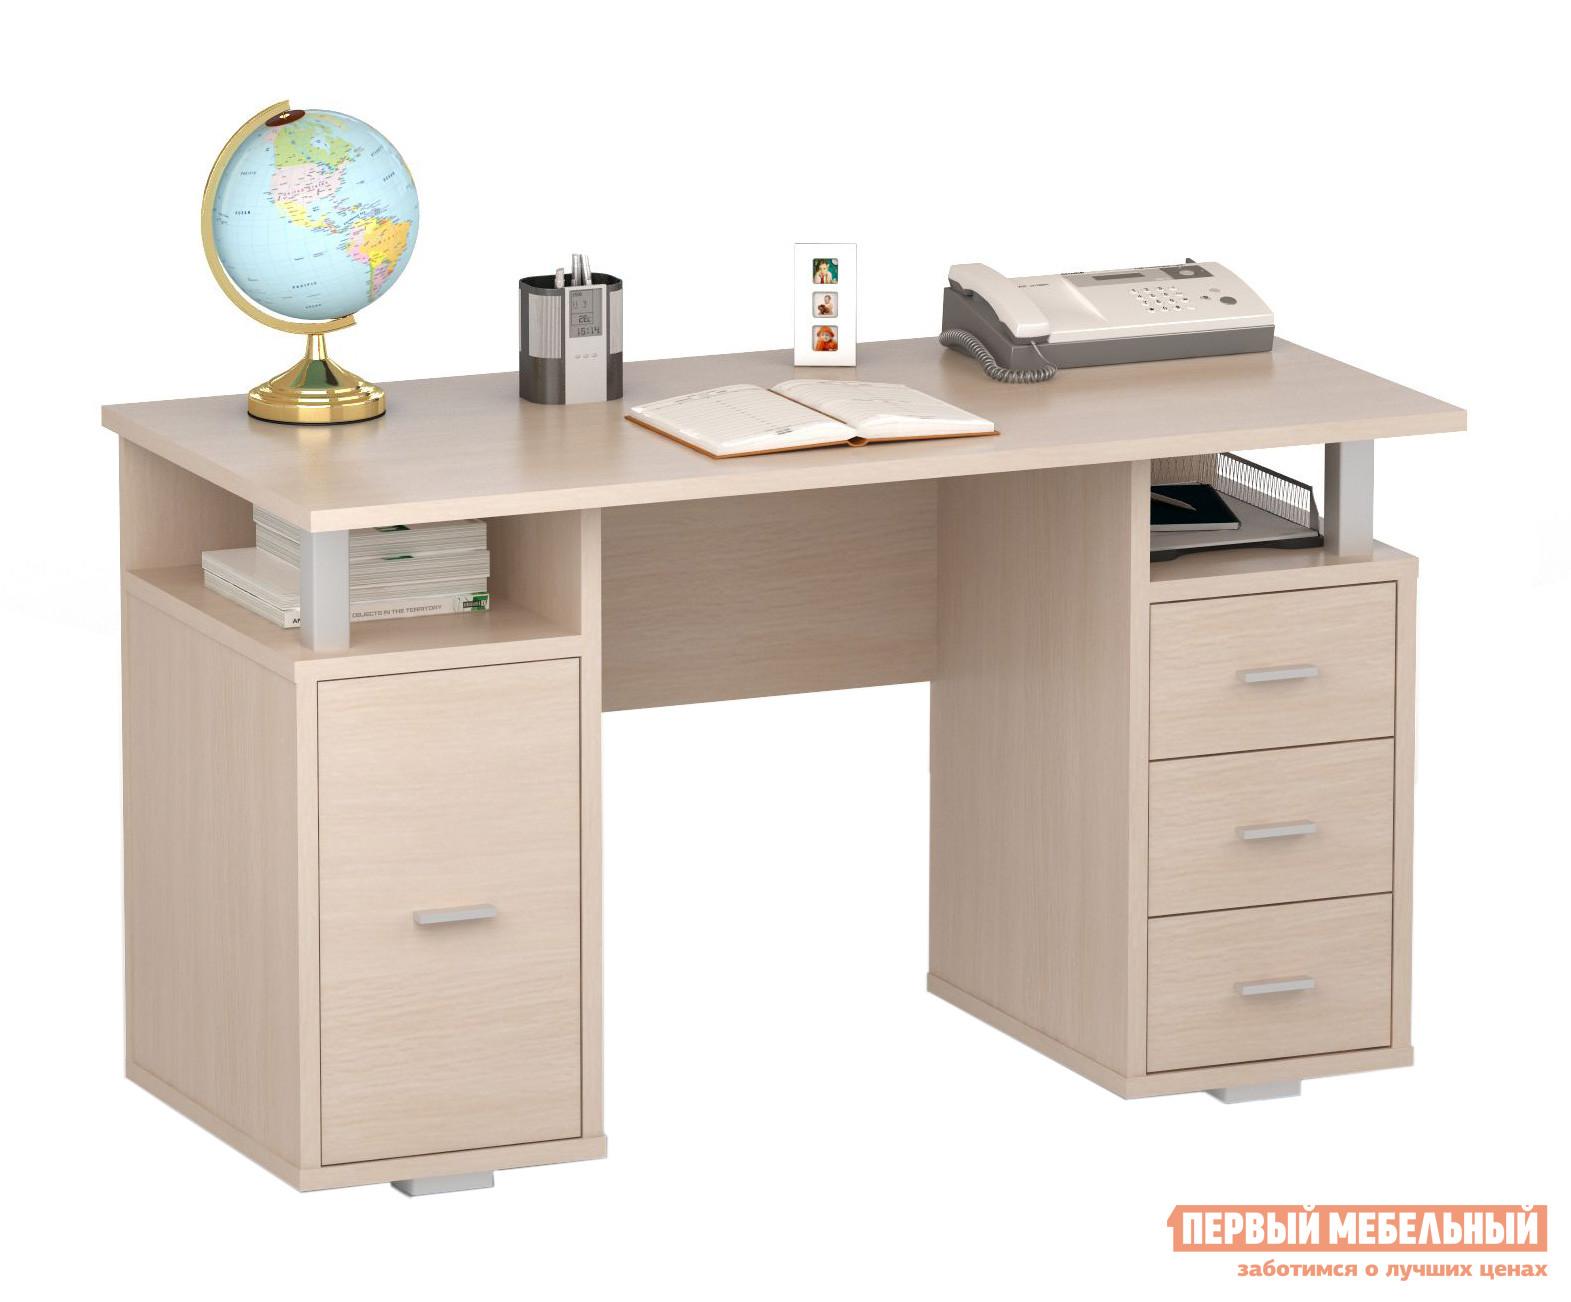 Письменный стол ВасКо ПС 40-07 письменный стол двухтумбовый пс 40 07 венге шатура столы и стулья